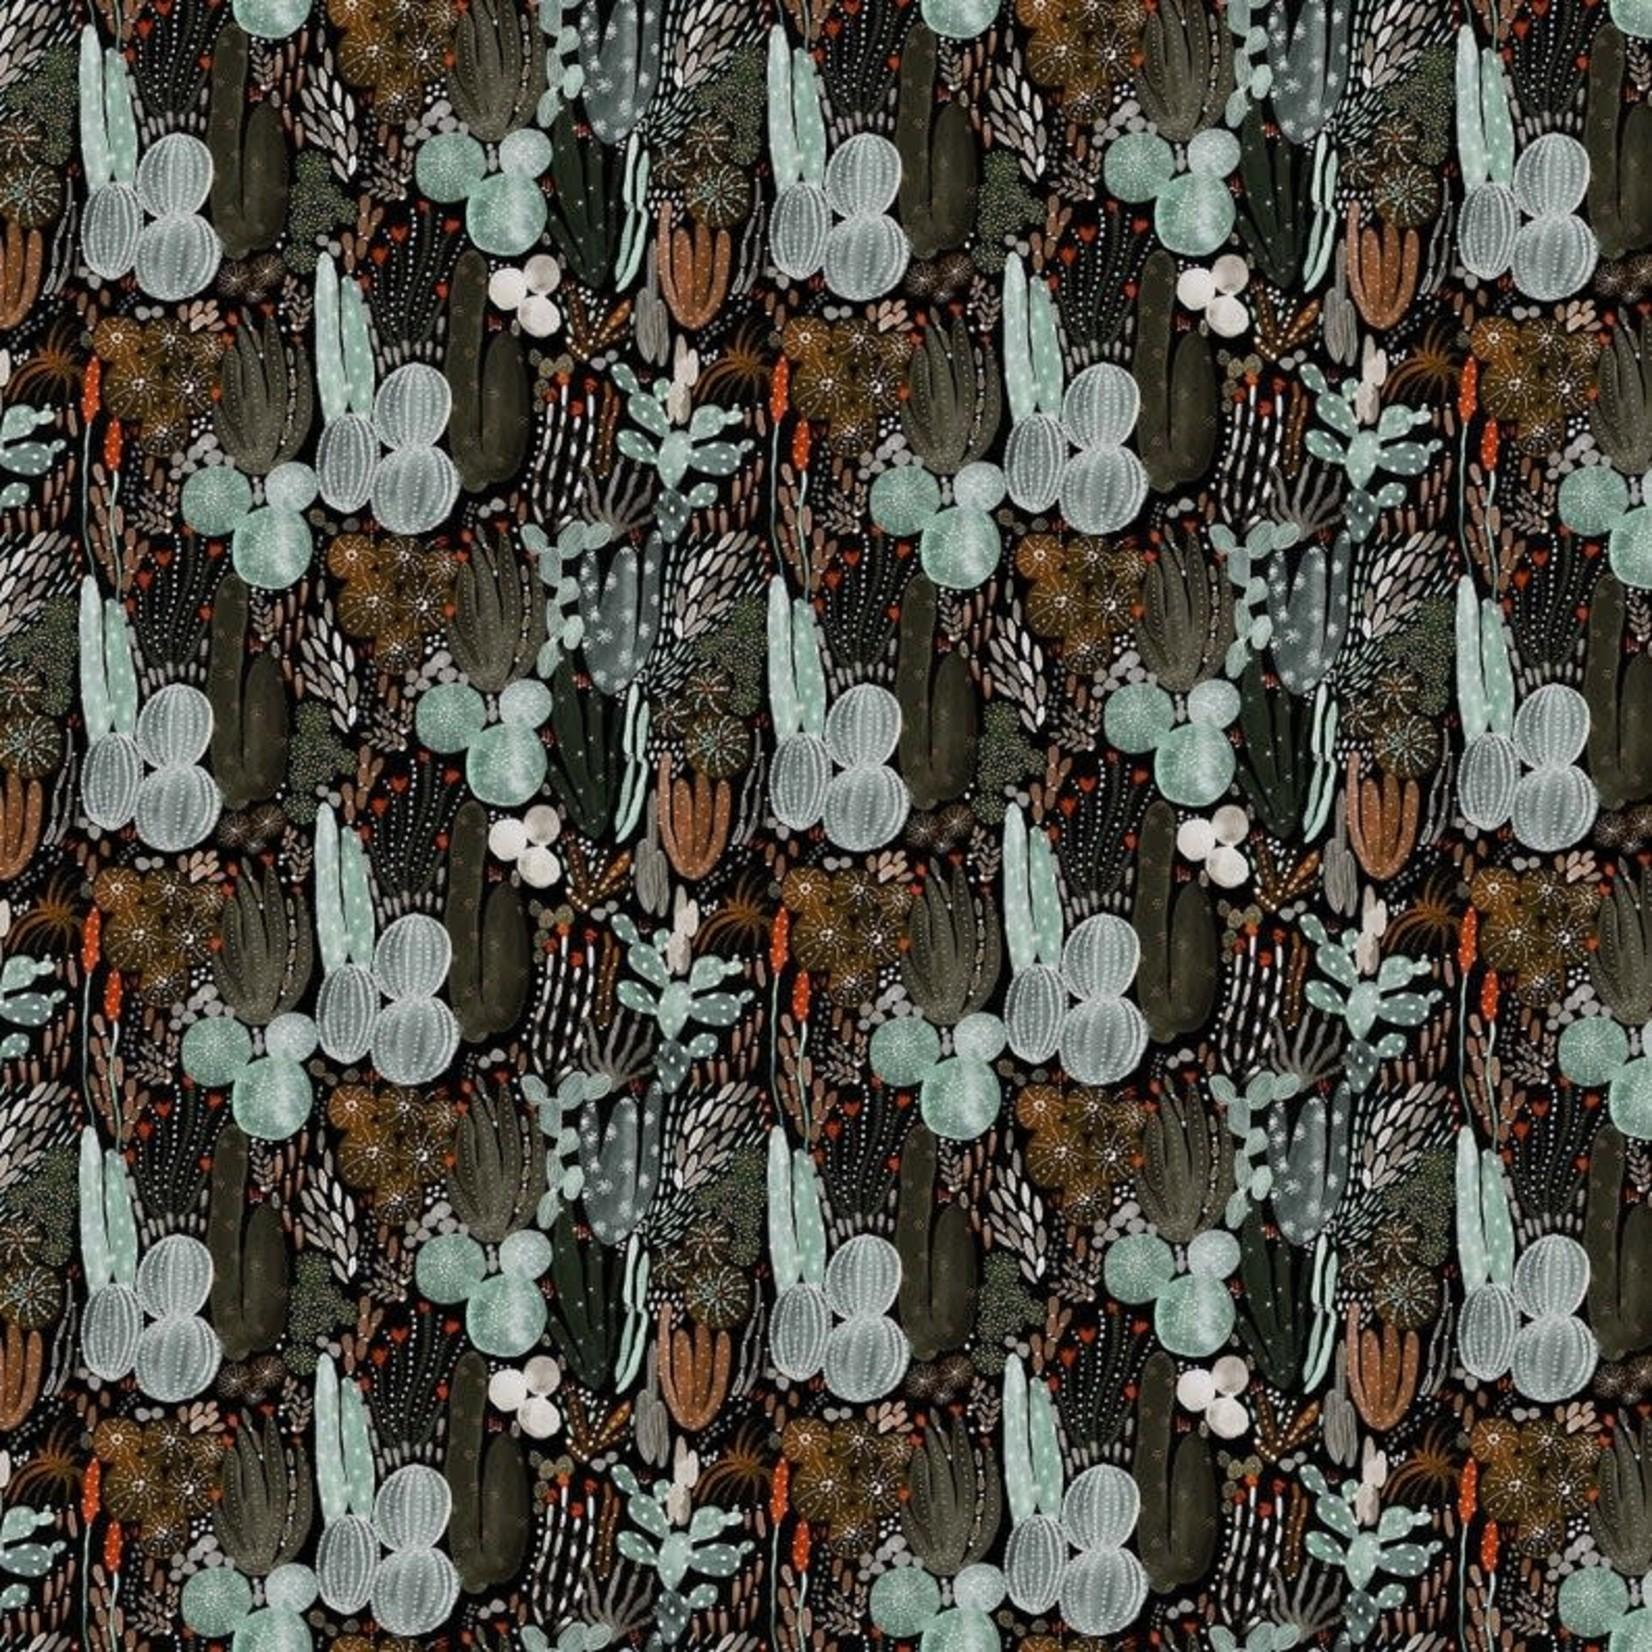 Figo Fabrics Desert Wilderness - Black